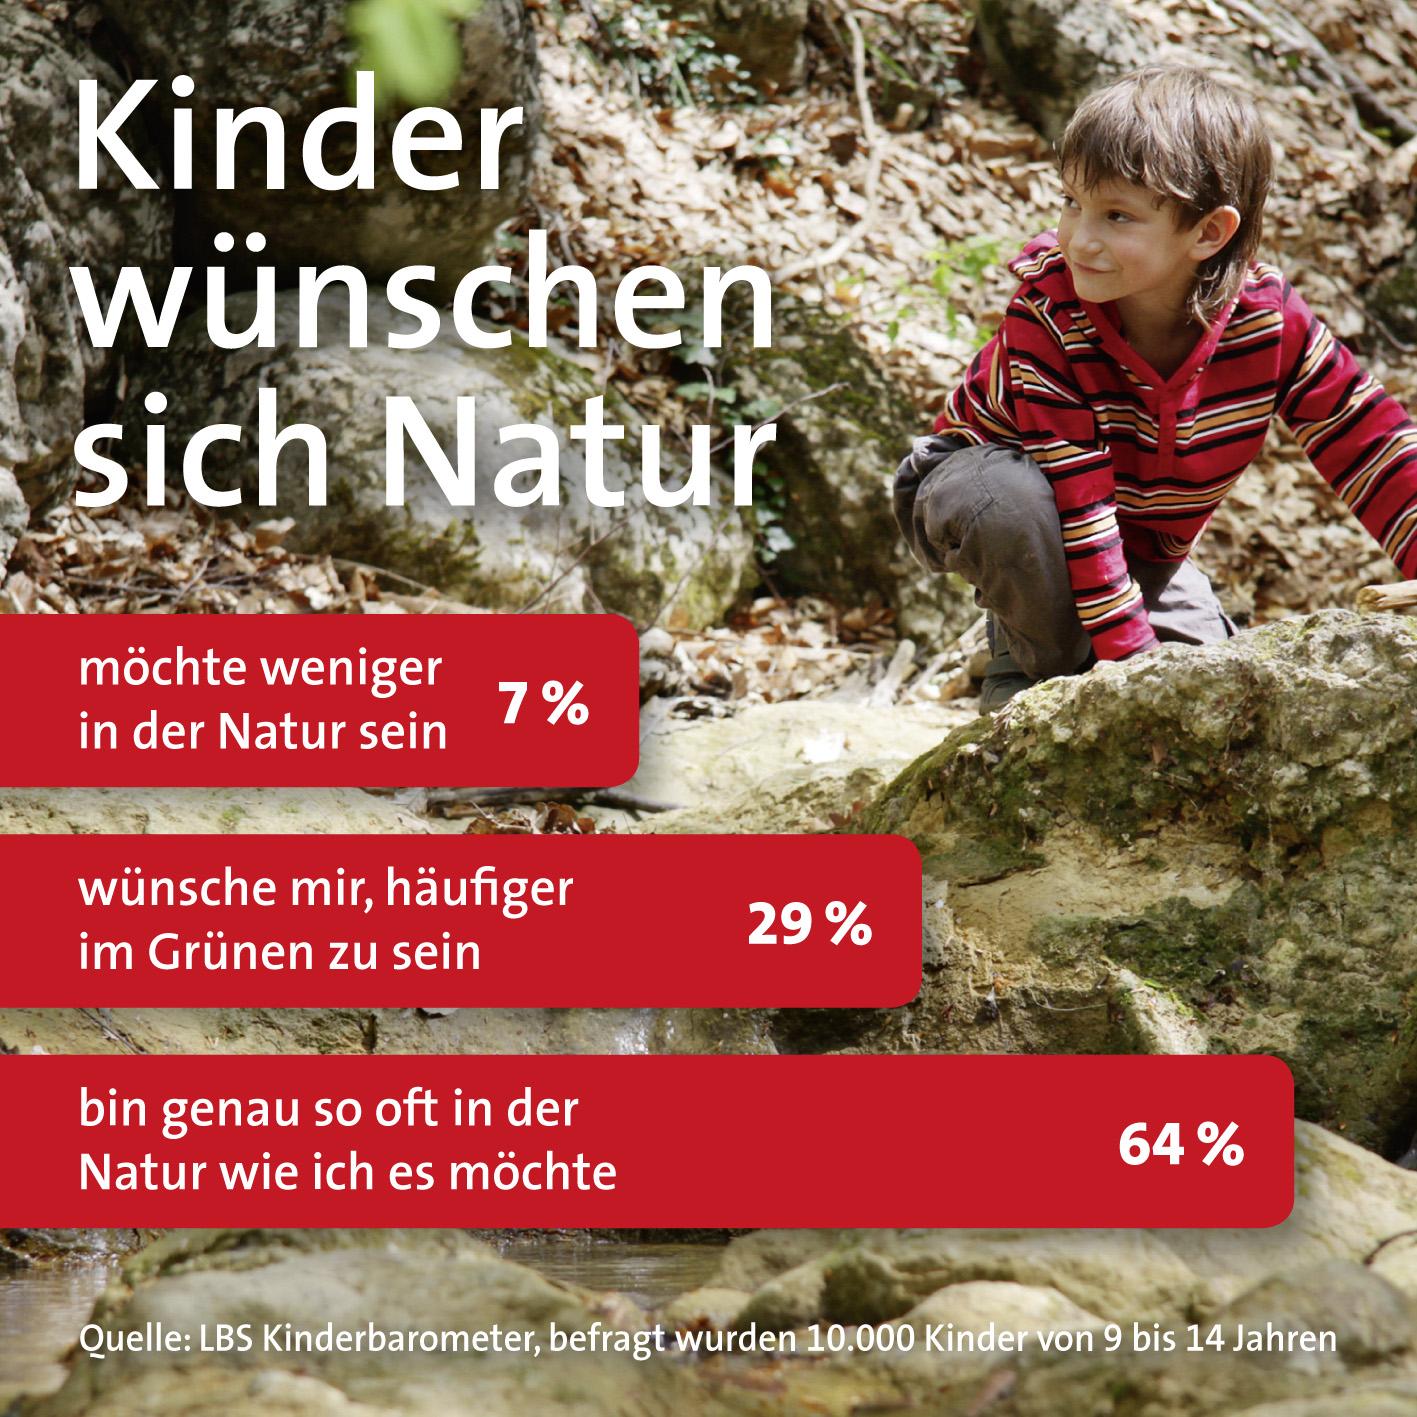 10 000 Kinder im Alter zwischen 9 und 14 Jahren wurden befragt. (Bild: LBS-Kinderbarometer)